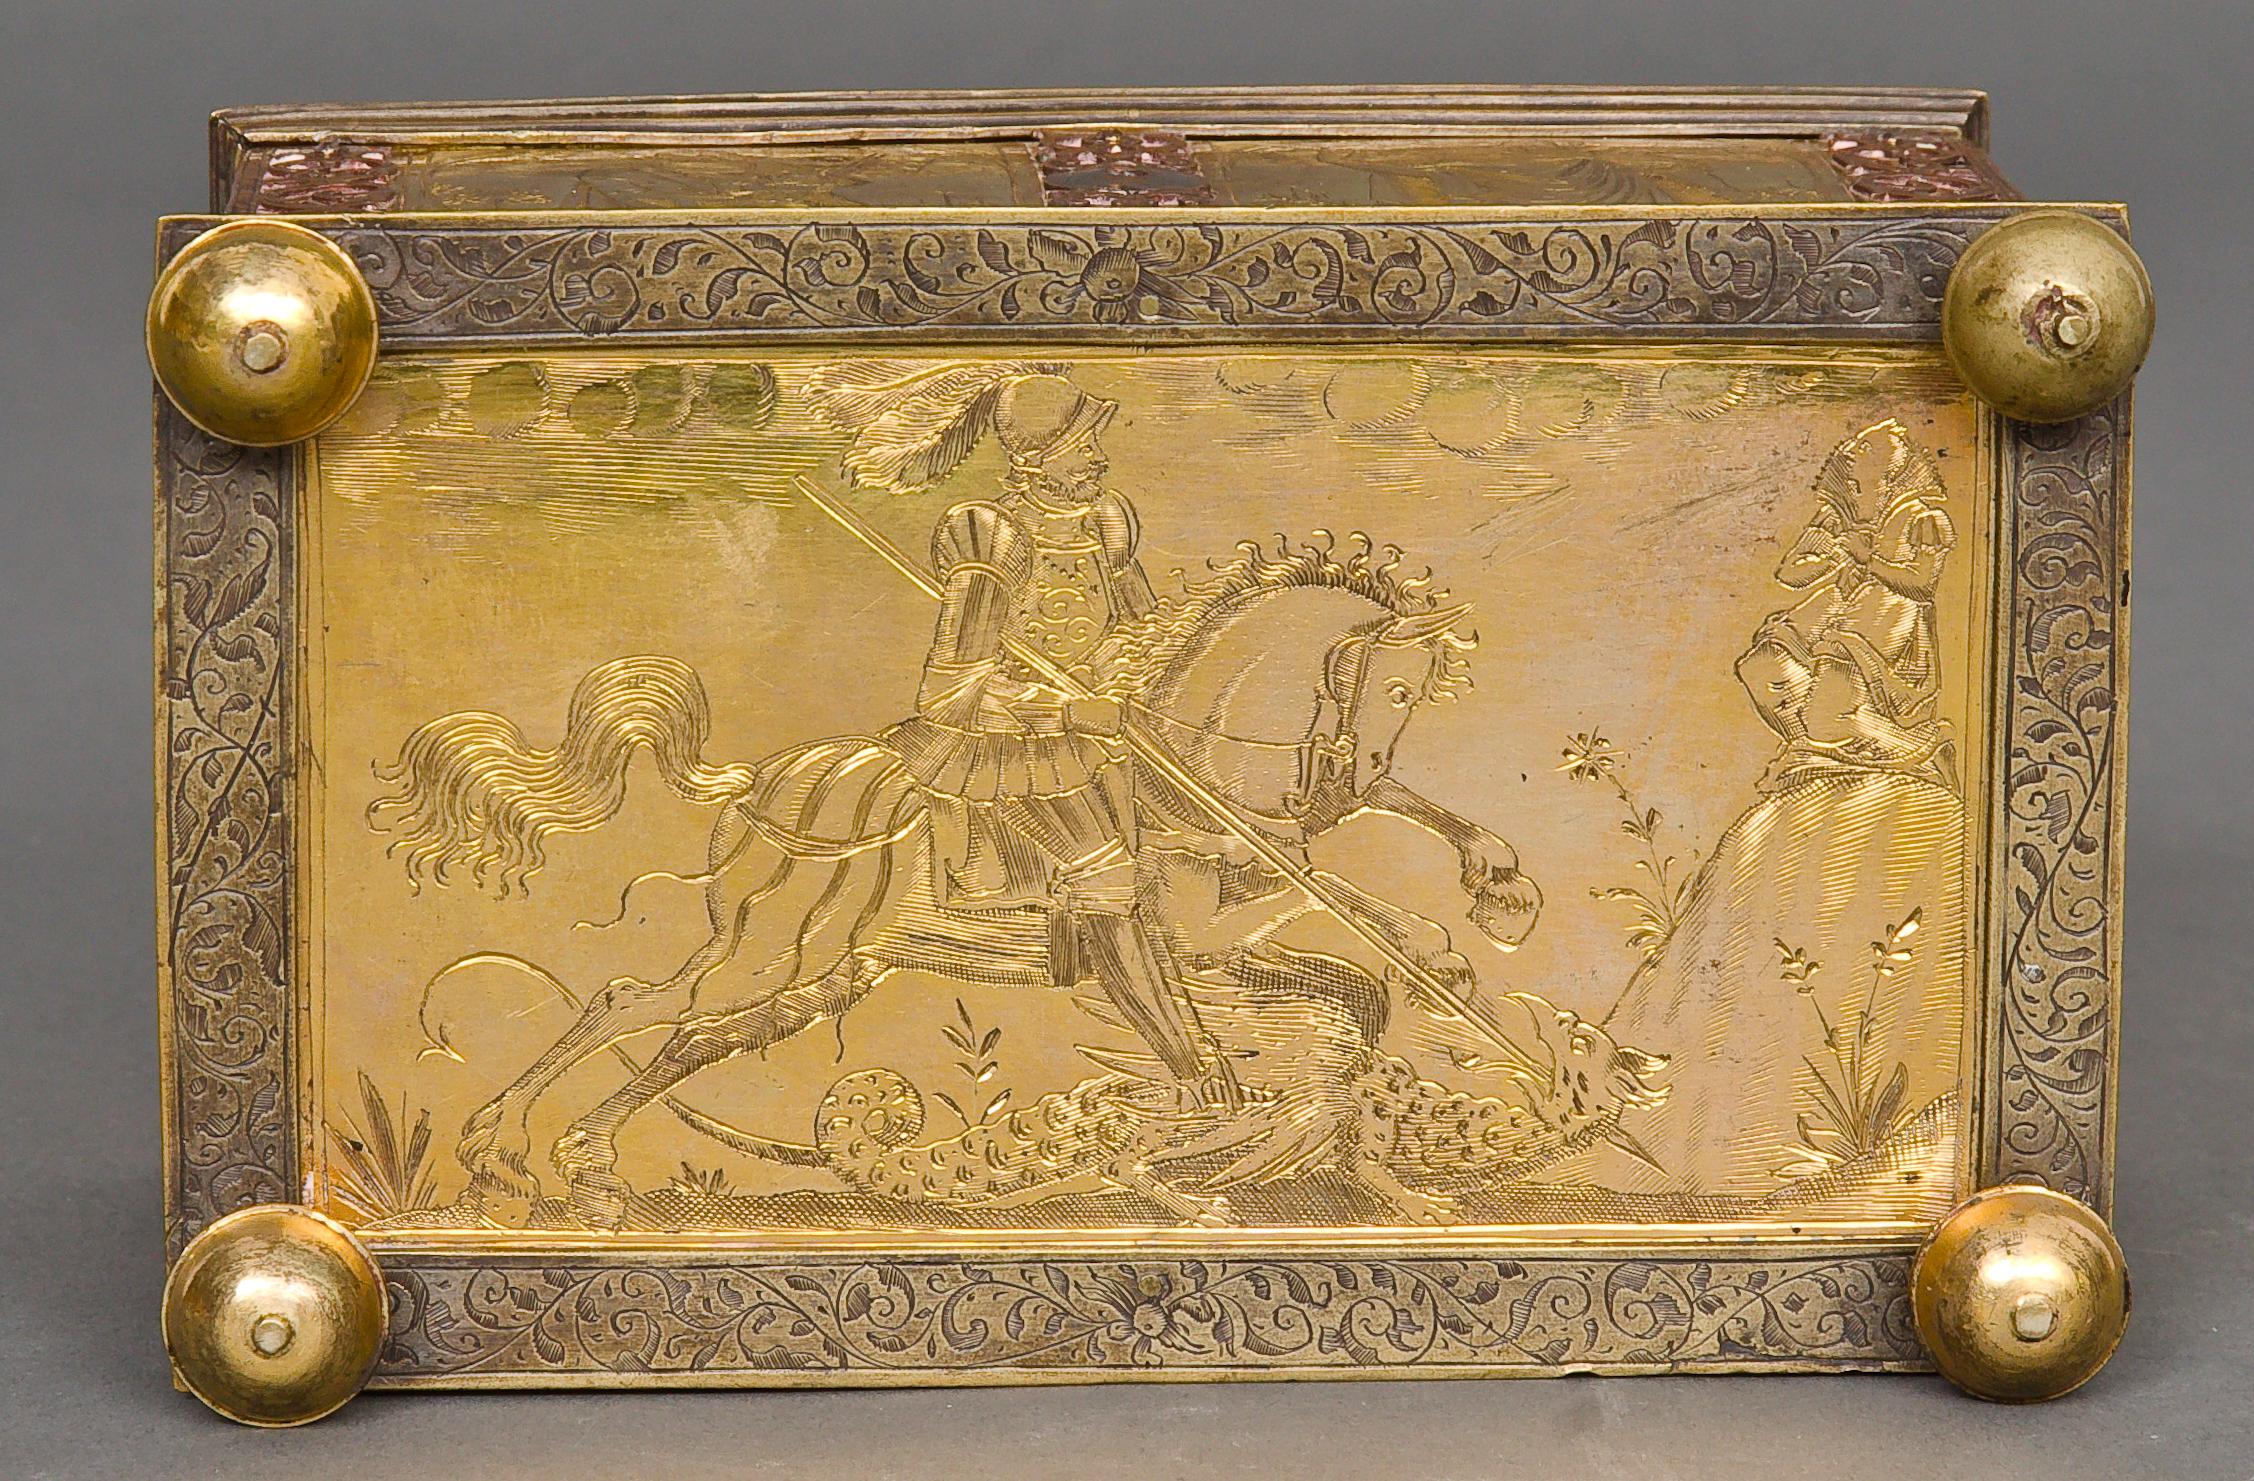 Antiquitäten Verkaufen Heidelberg : Ankauf gemälde ankauf antiquitäten künstlernachlässe aquarelle